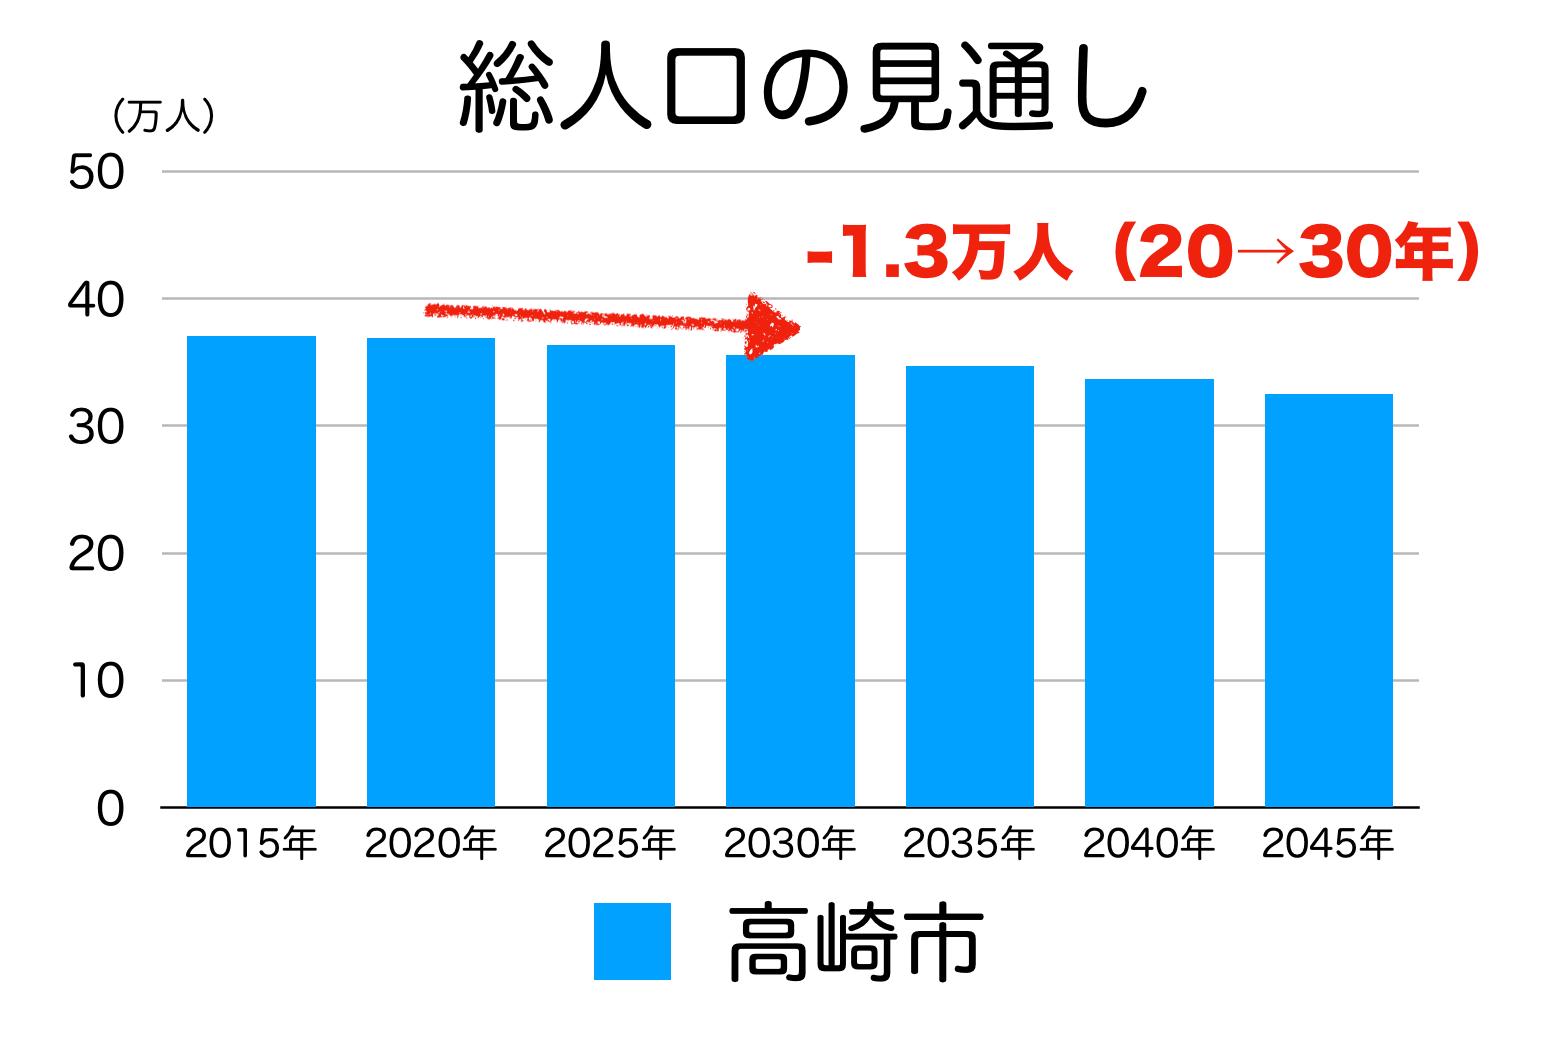 高崎市の人口予測